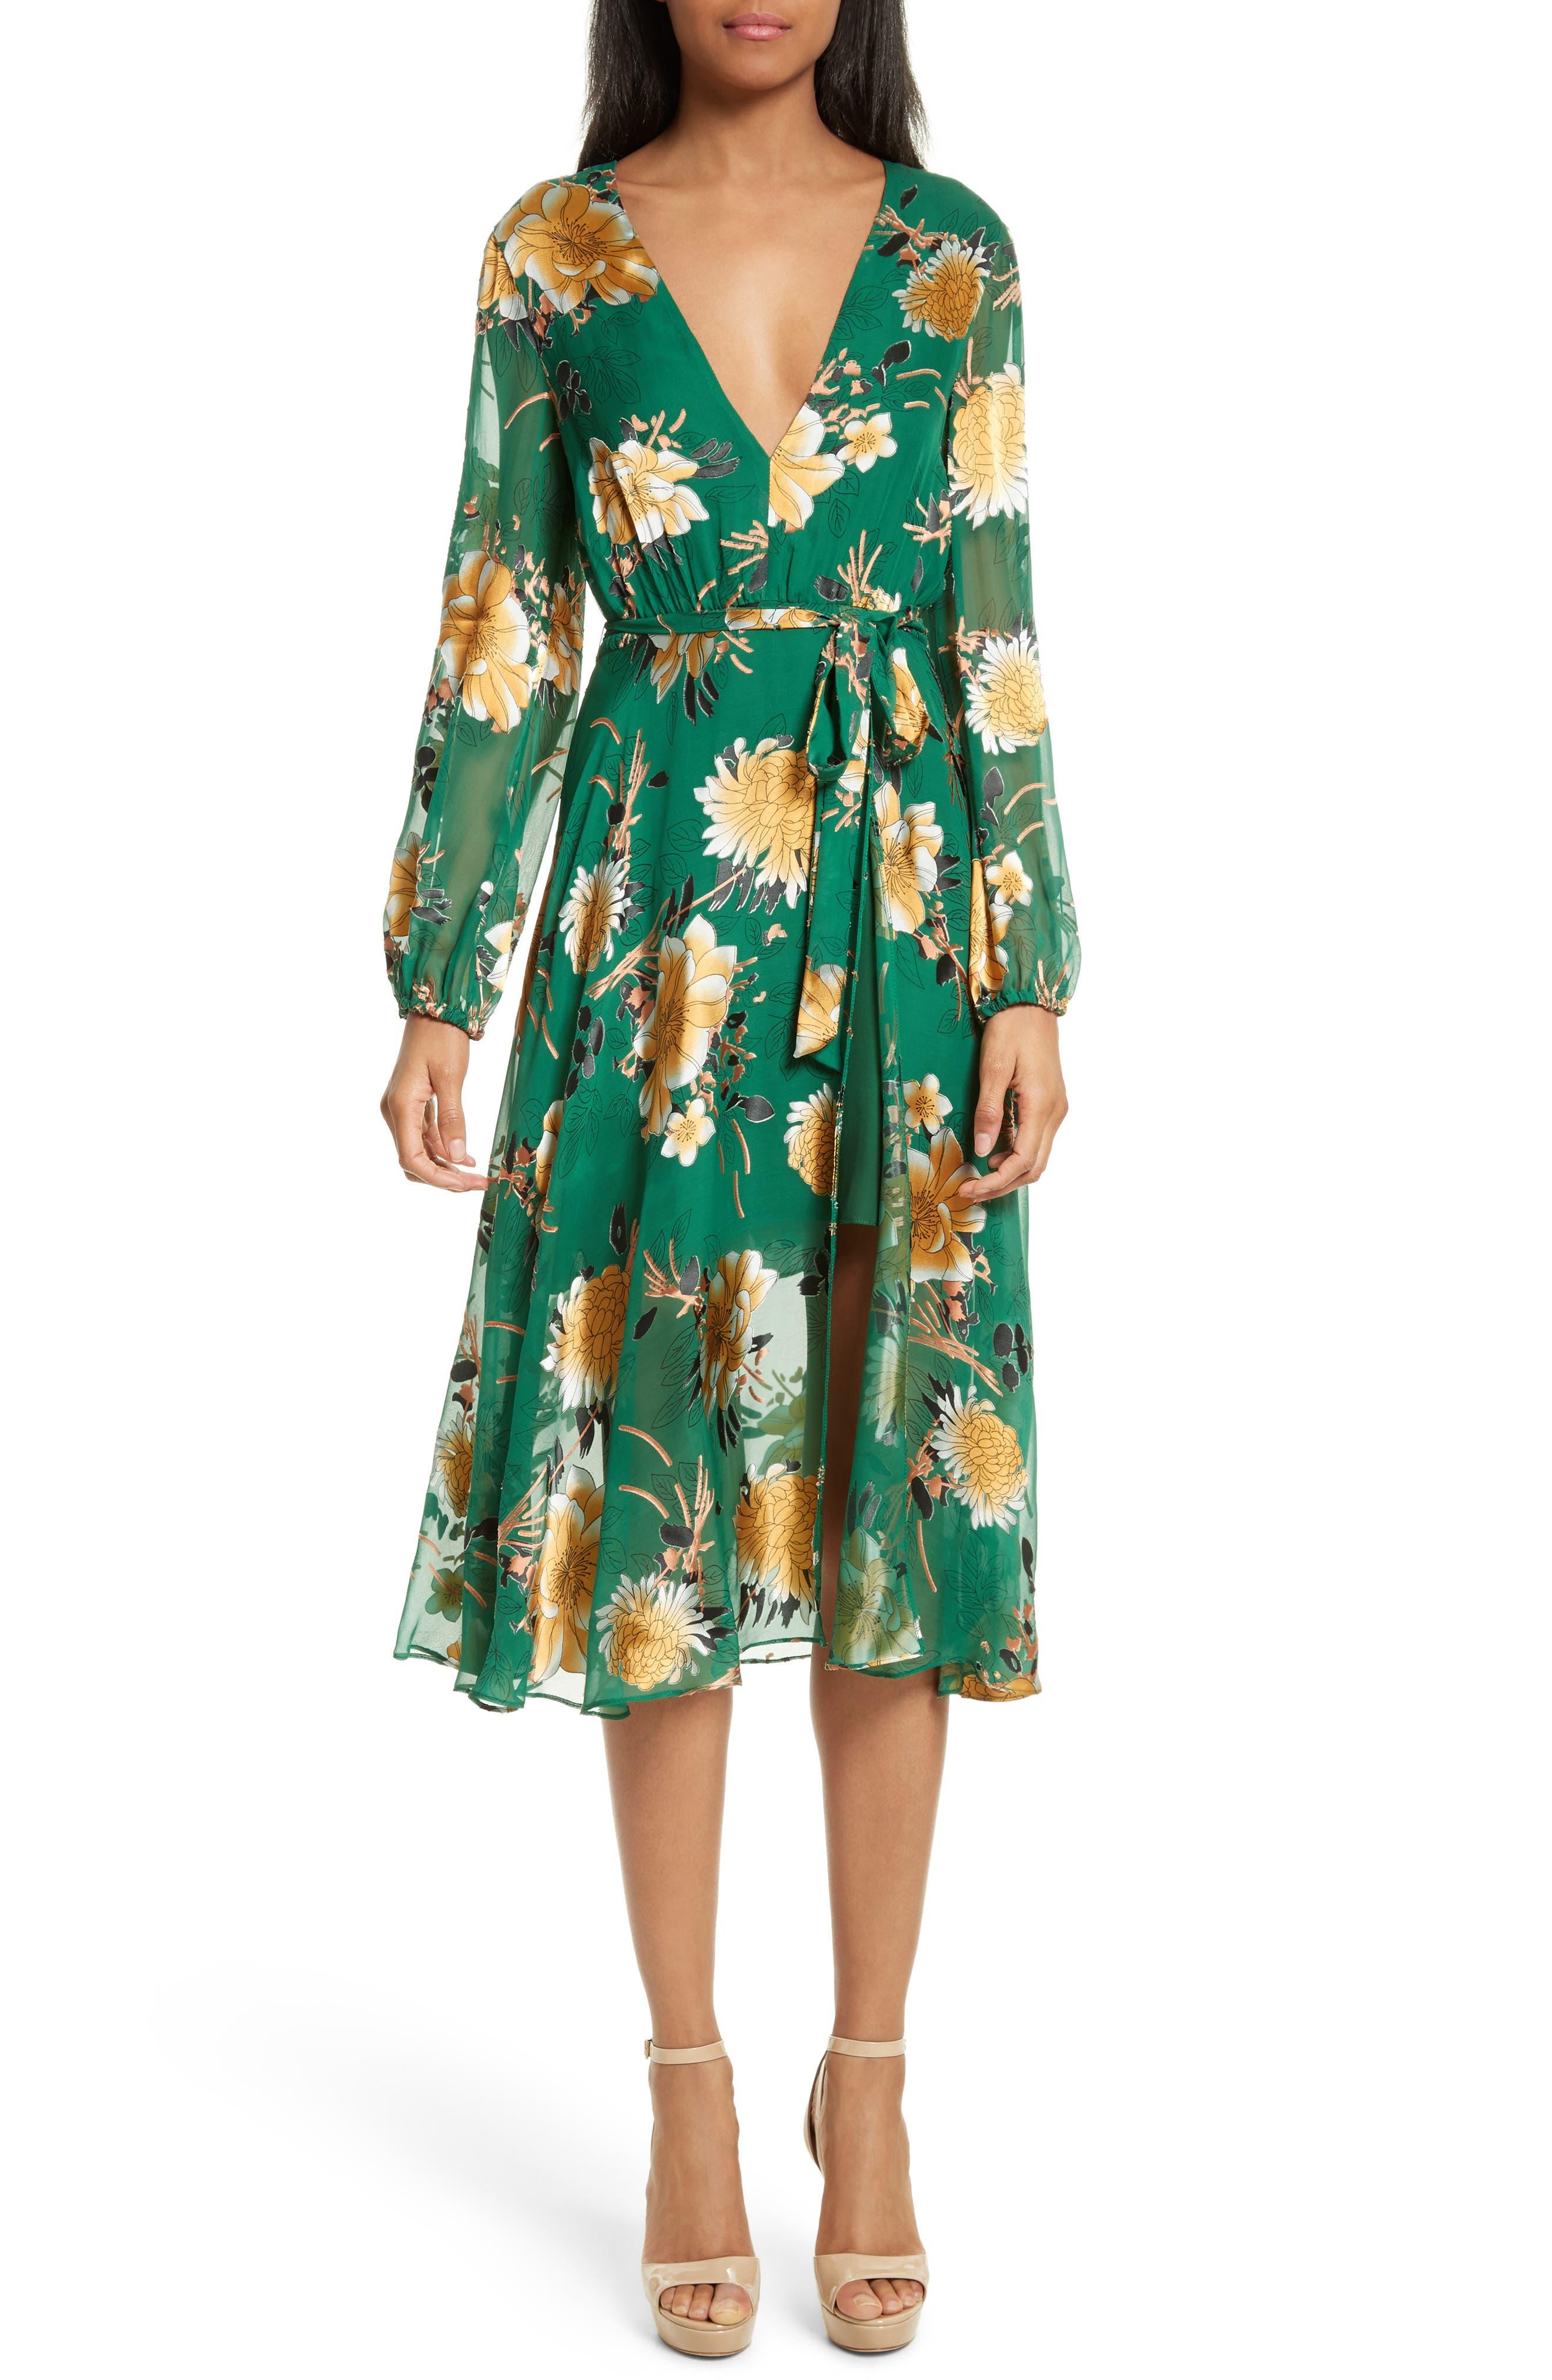 Coco Floral Print A-Line Dress,                             Main thumbnail 1, color,                             308